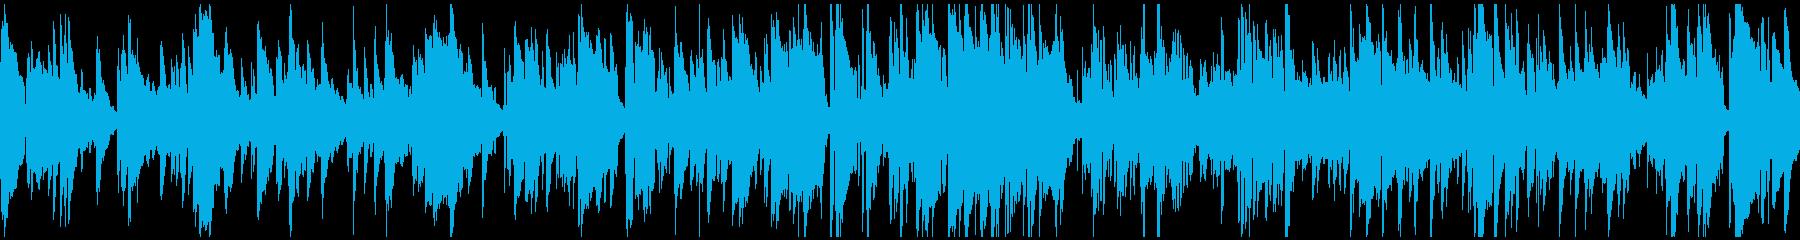 くつろいだ雰囲気の大人バラード※ループ版の再生済みの波形